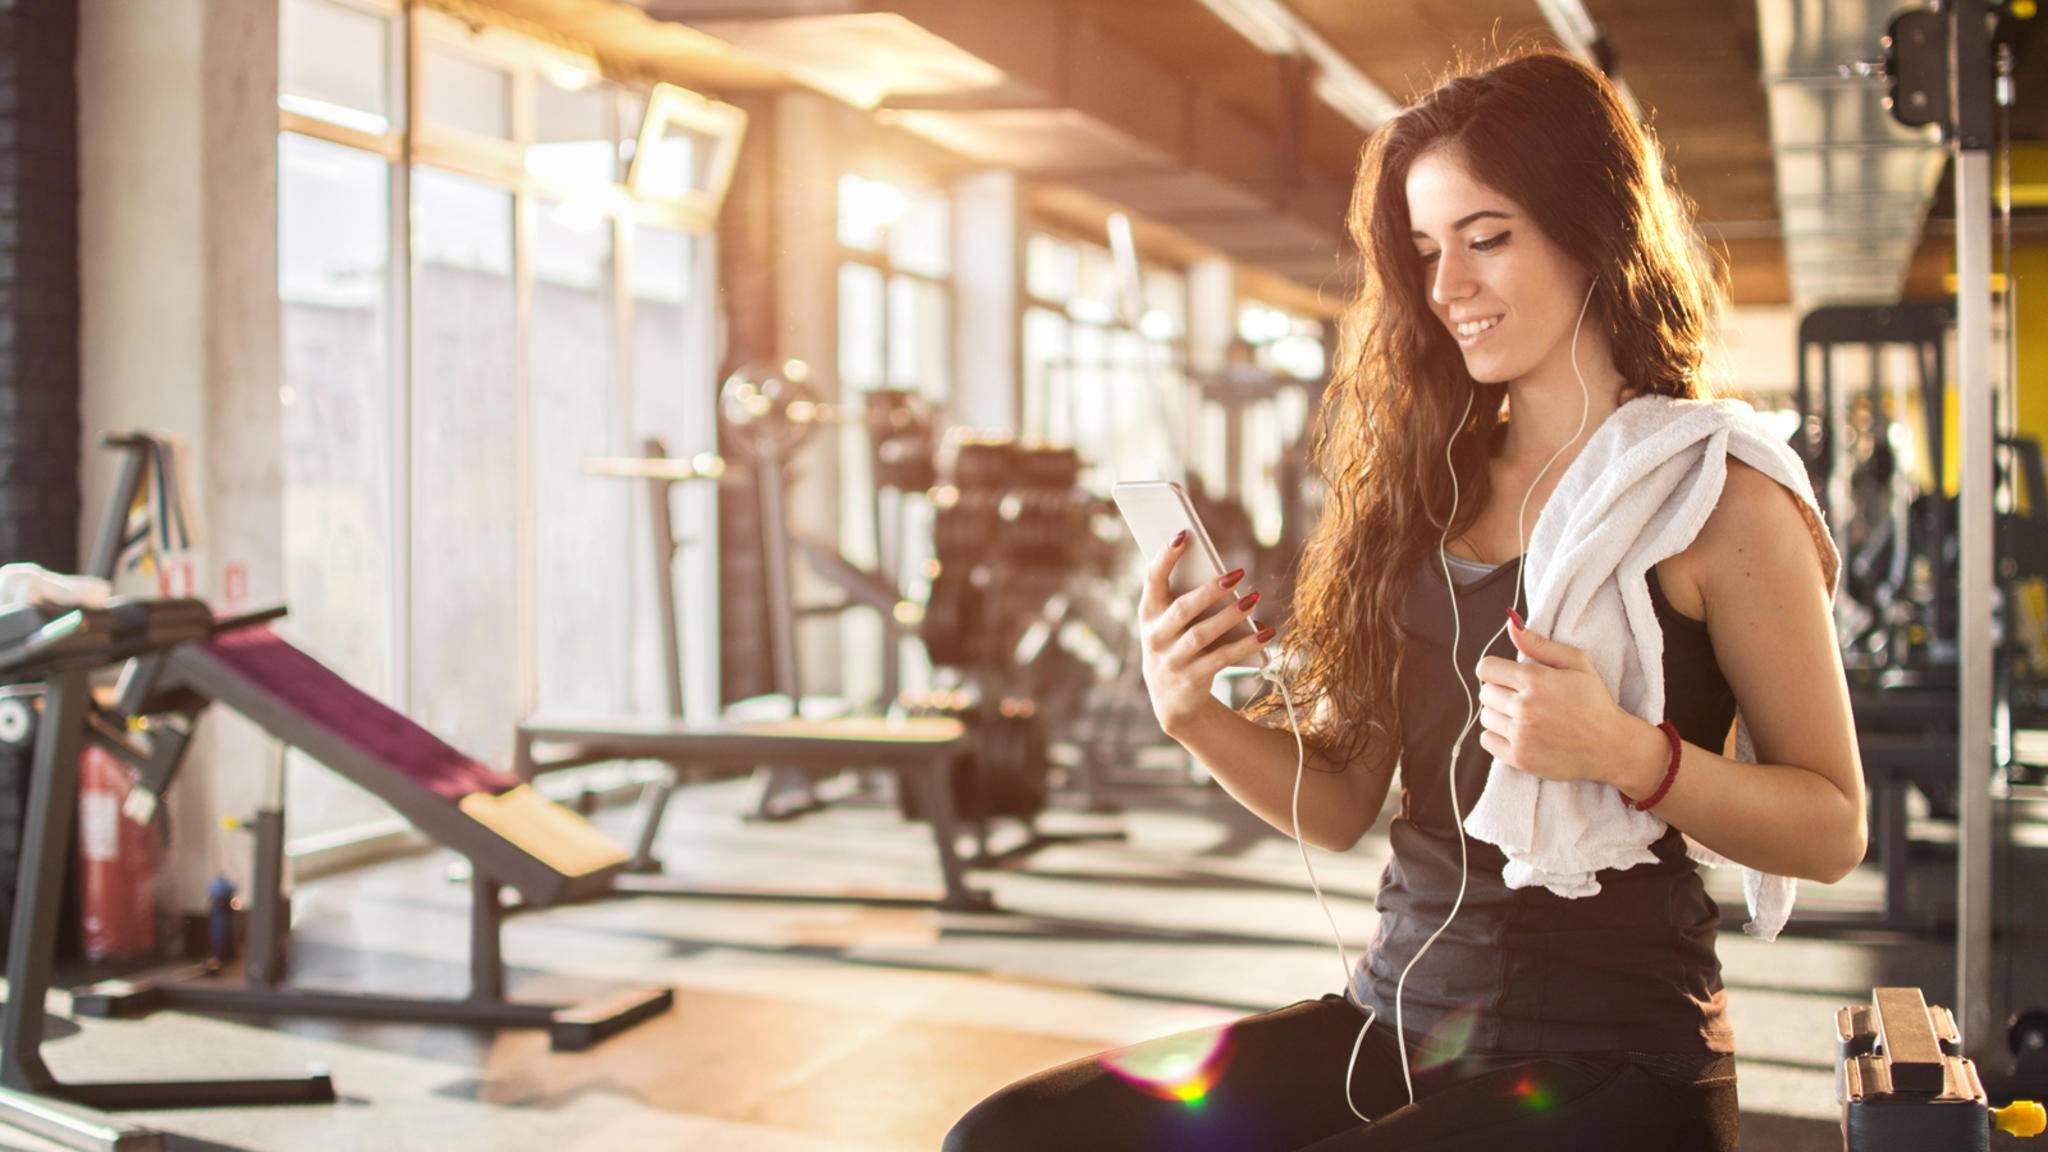 Fitness-Gadgets helfen Dir beim Training – und es gibt viel mehr, als nur Fitness-Tracker.